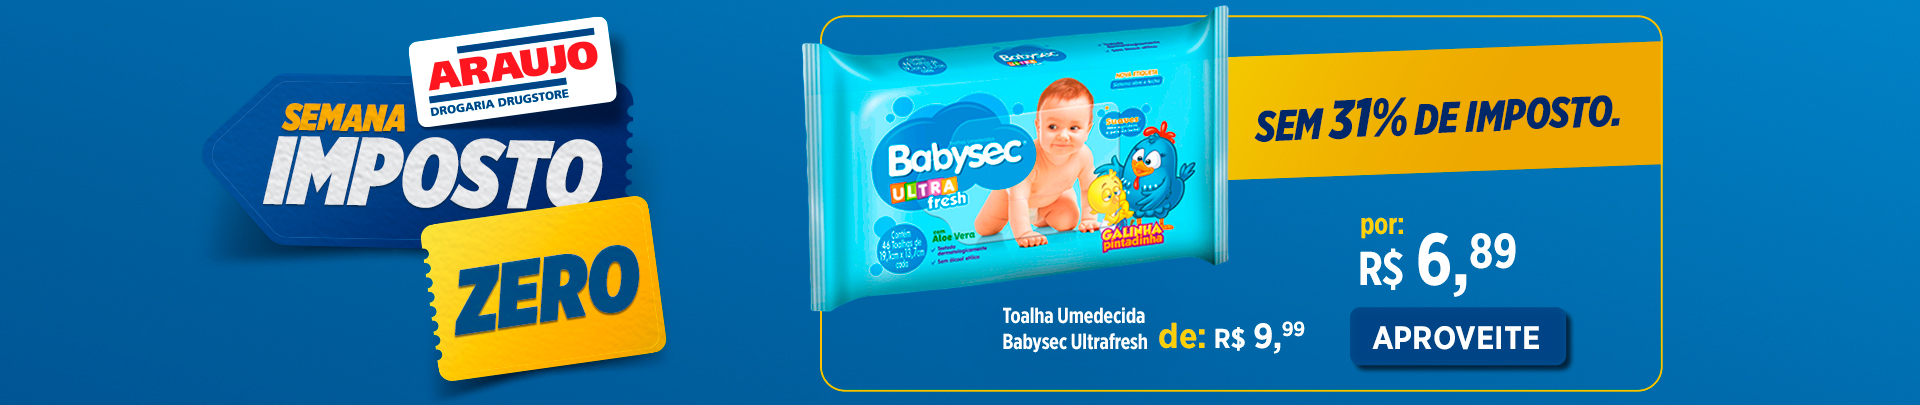 Toalha Umedecida Babysec